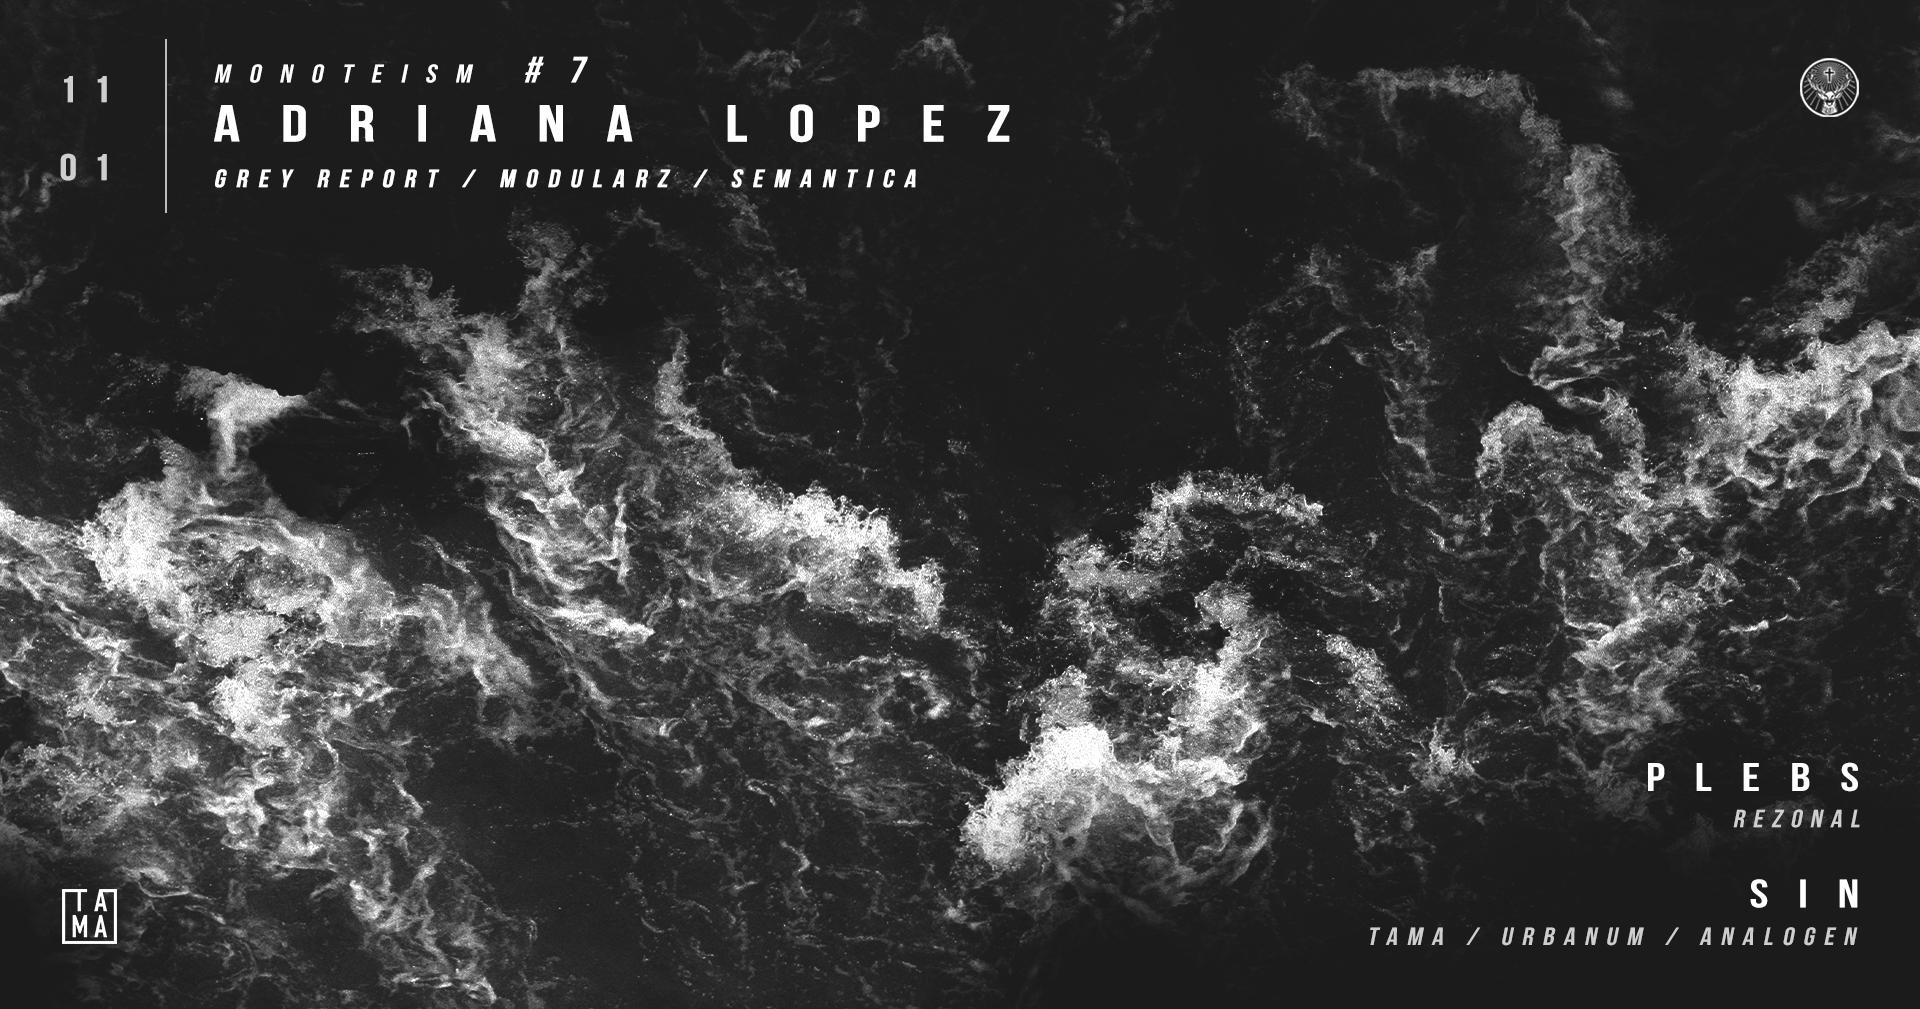 Monoteism #7: Adriana Lopez